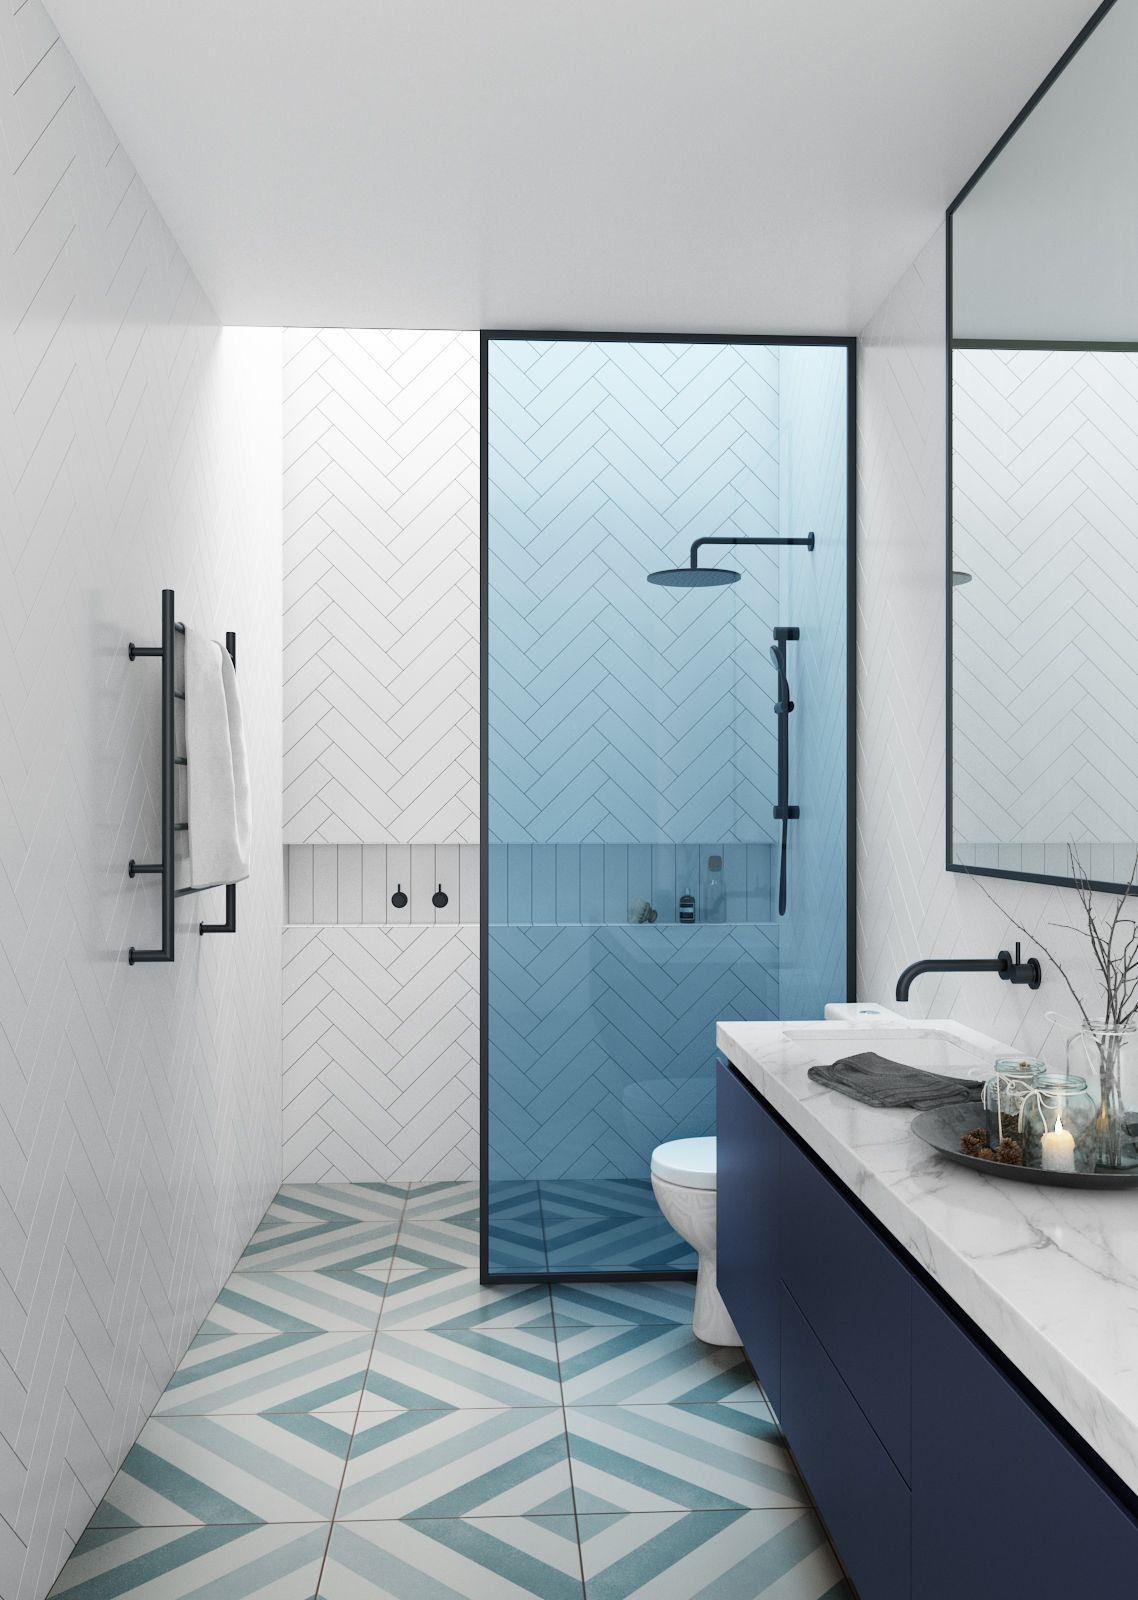 Crittall Shower Panels Enclosures Screens Shower Doors Bathroom Trends Framed Shower Enclosures